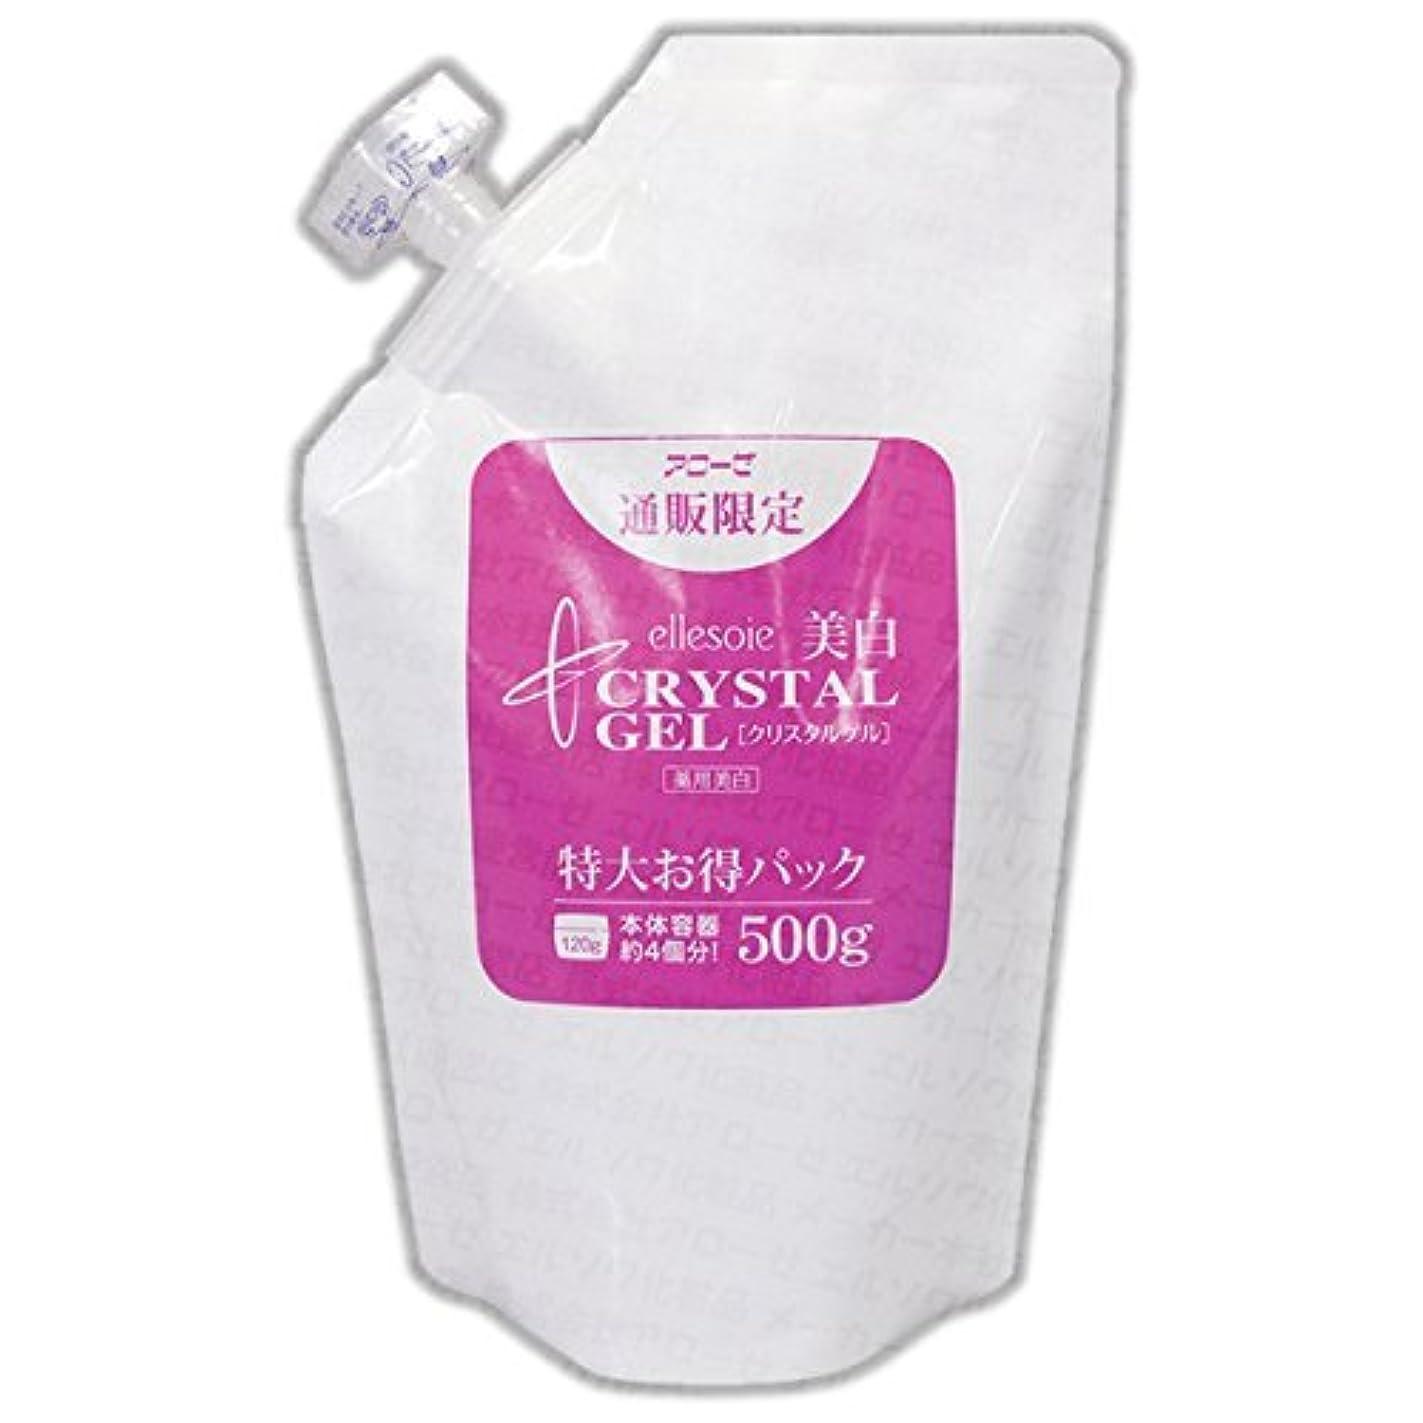 機械的に森集団エルソワ化粧品(ellesoie) クリスタルゲルS 詰替用500g 保存用キャップ付 薬用美白オールインワン